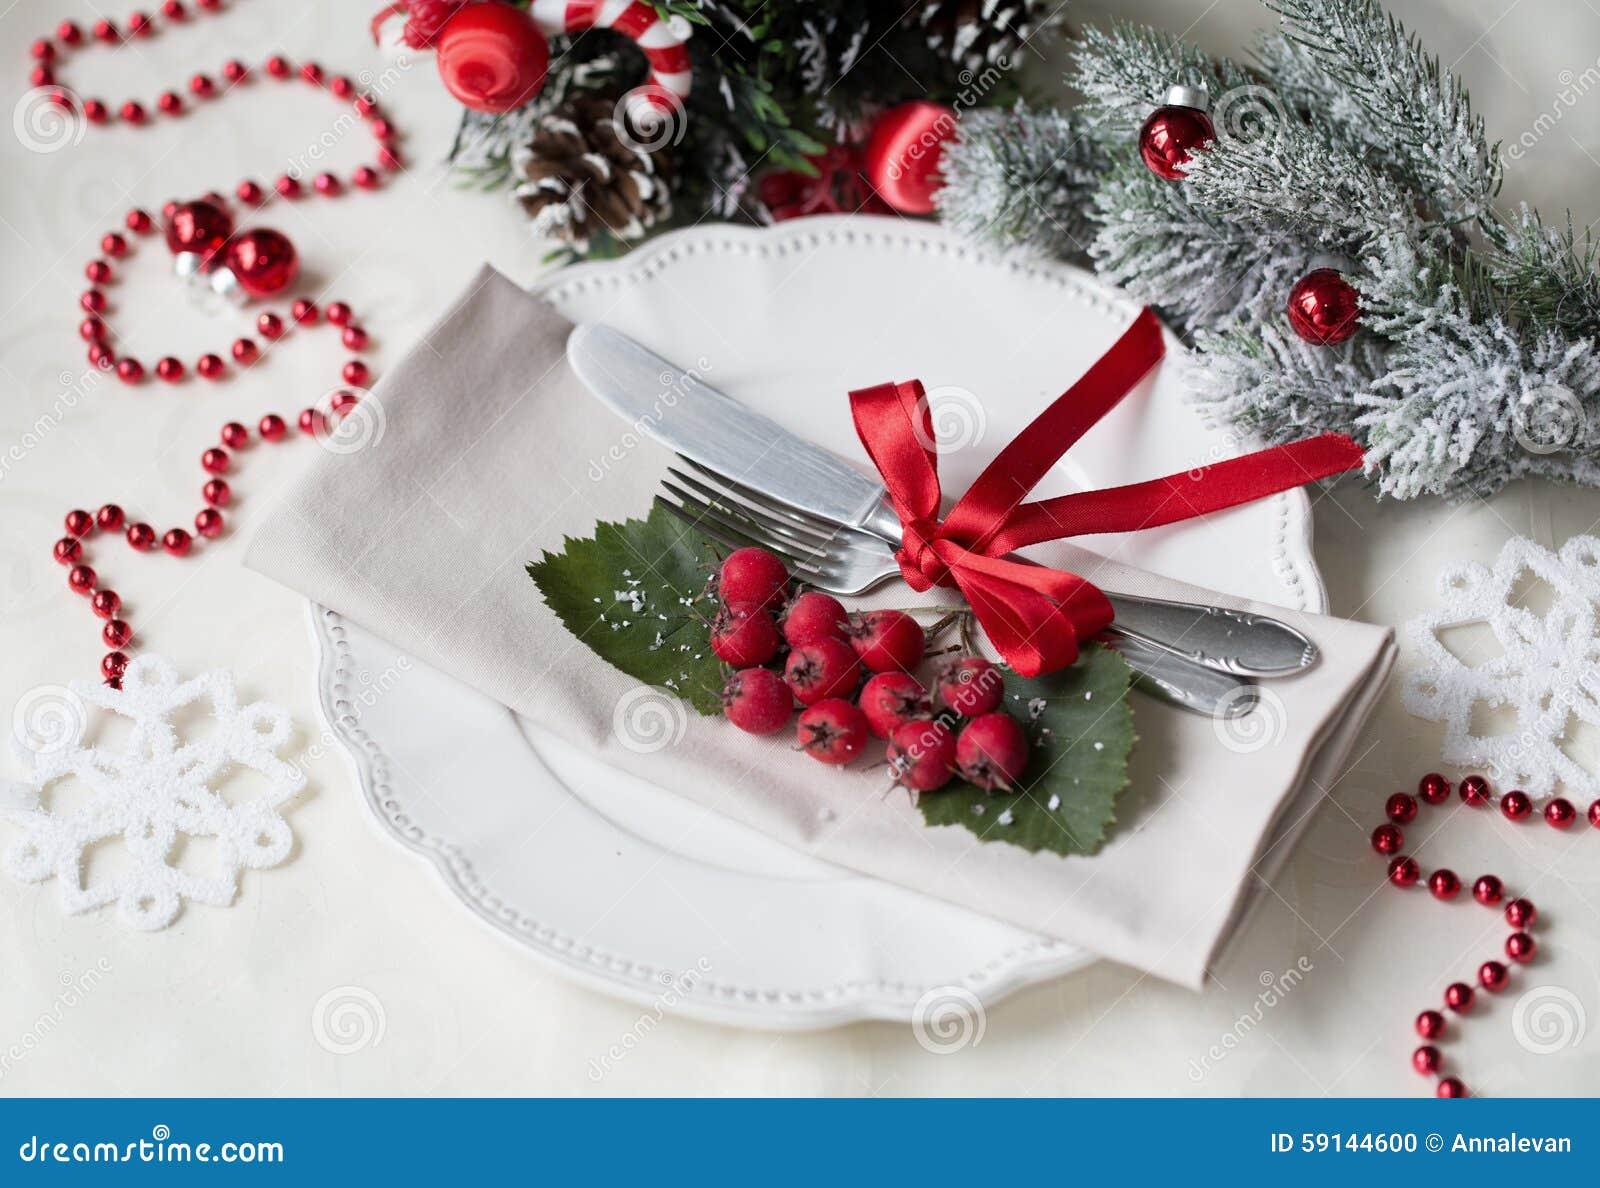 圣诞节和新年假日表设置 庆祝 圣诞晚餐的餐位餐具 被点燃的背景电灯泡色的装饰诗歌选节假日光 装饰